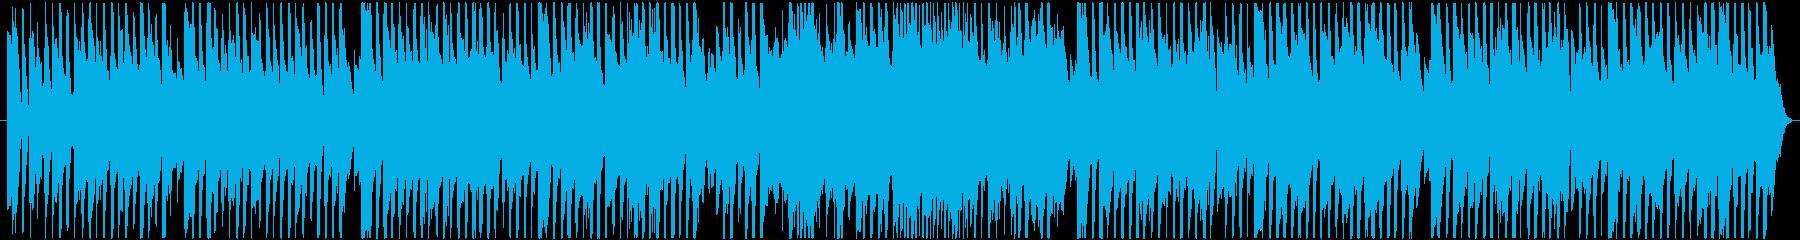 可愛く、楽しい雰囲気のポップスBGMの再生済みの波形